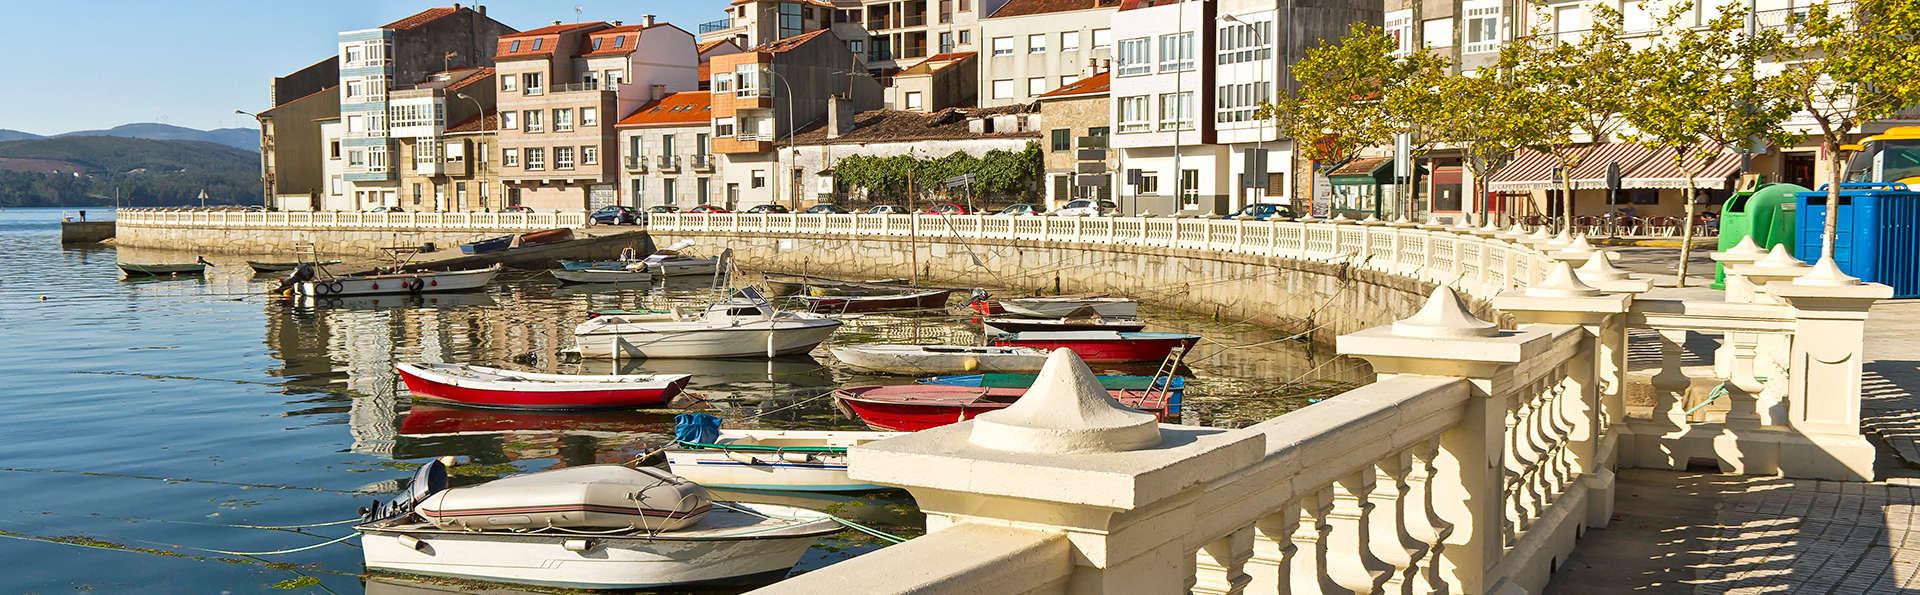 Escapada hotel con desayuno incluido a 600m de la playa en las Rías Baixas